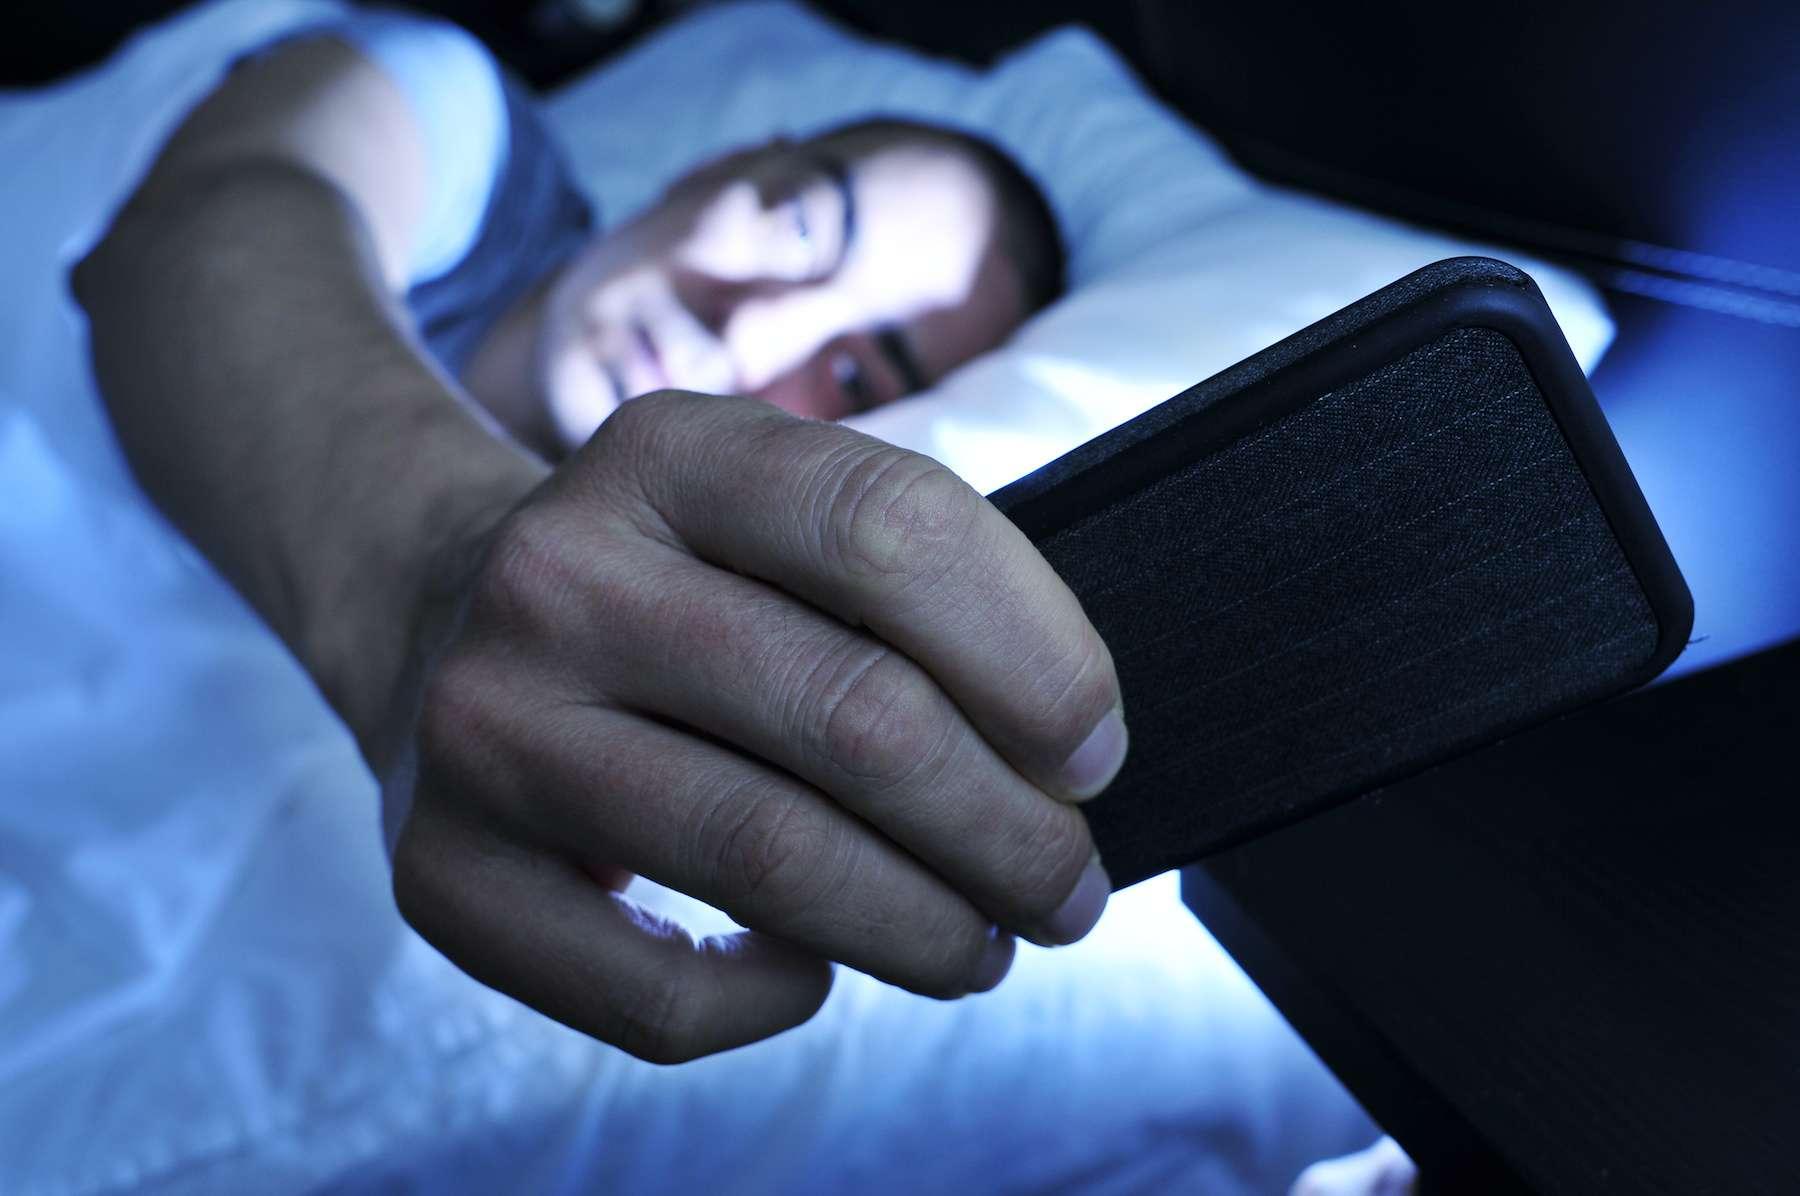 Téléphone portable le soir et qualité du sperme ne font pas bon ménage. © nito, Adobe Stock